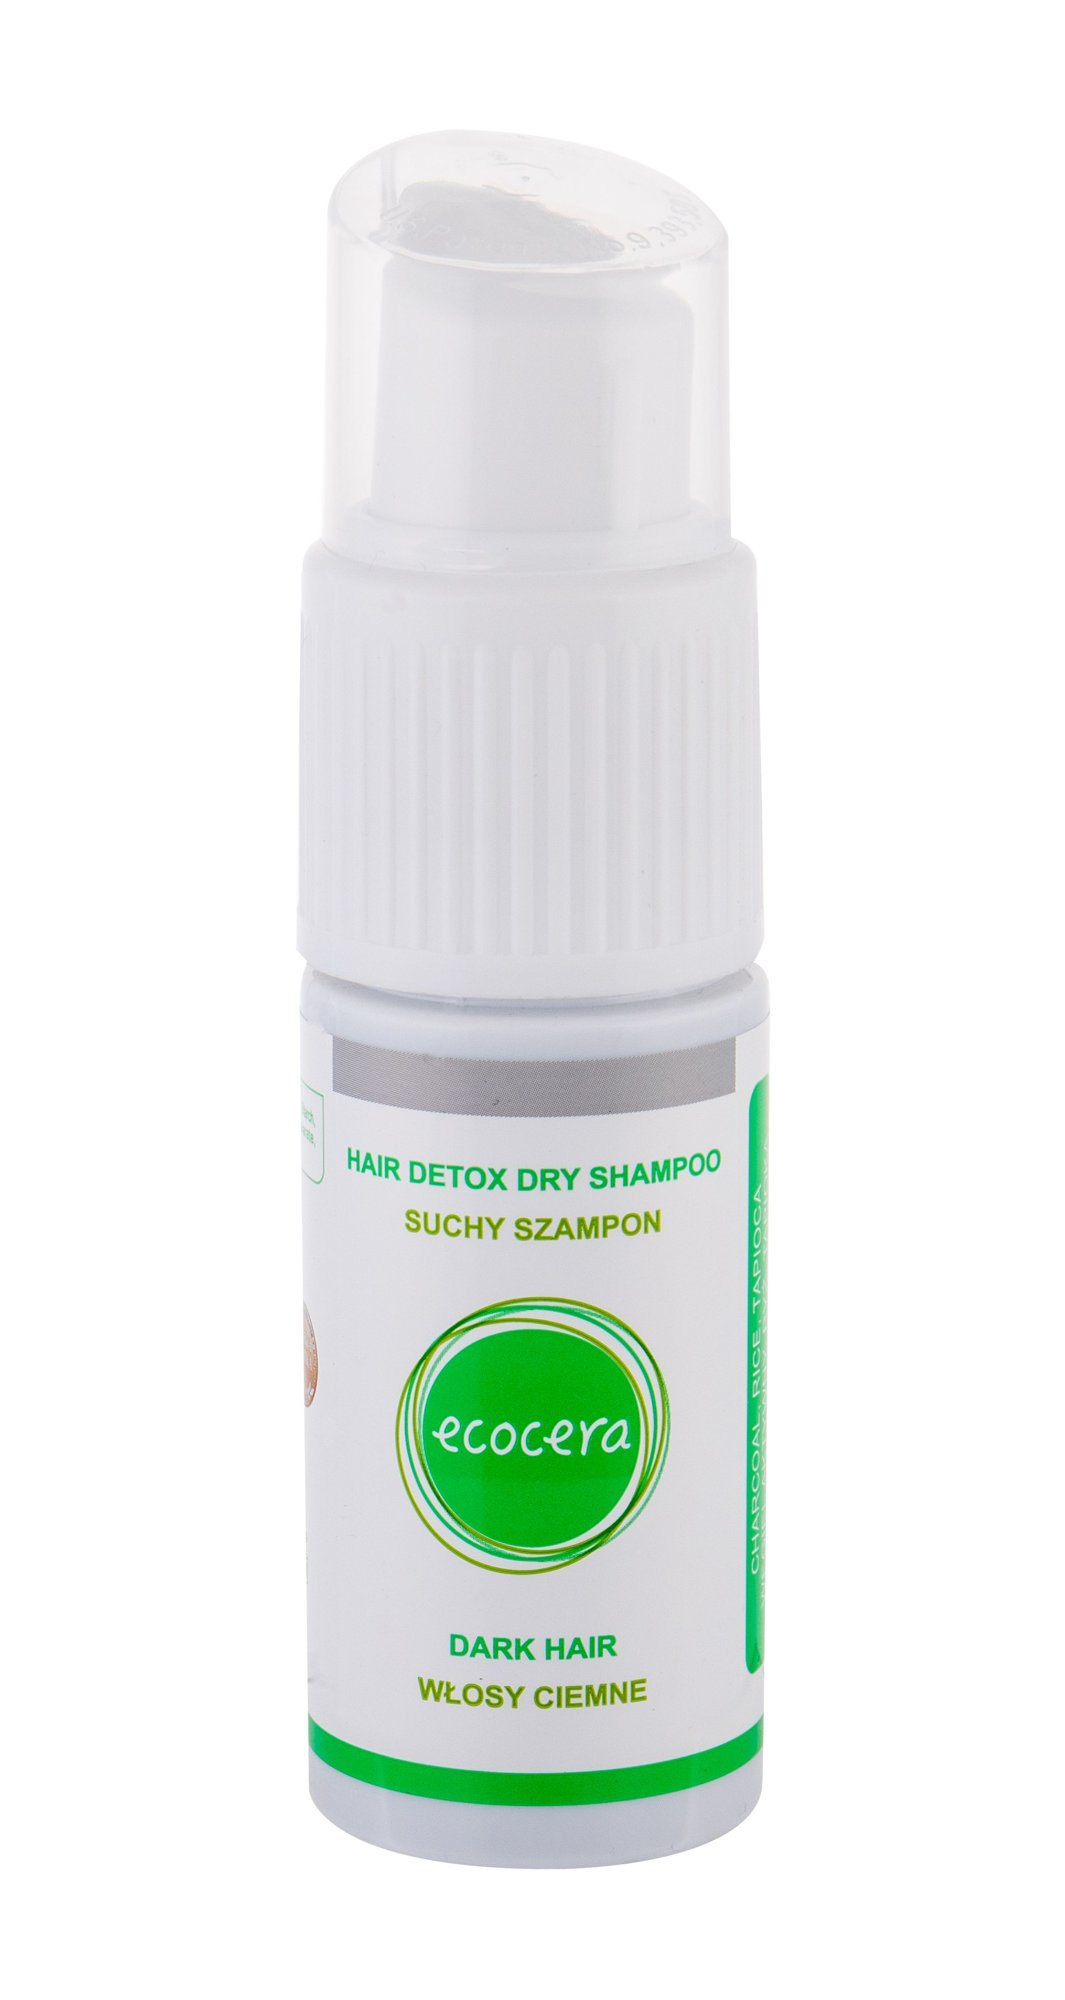 Ecocera Dry Shampoo Dry Shampoo 15ml